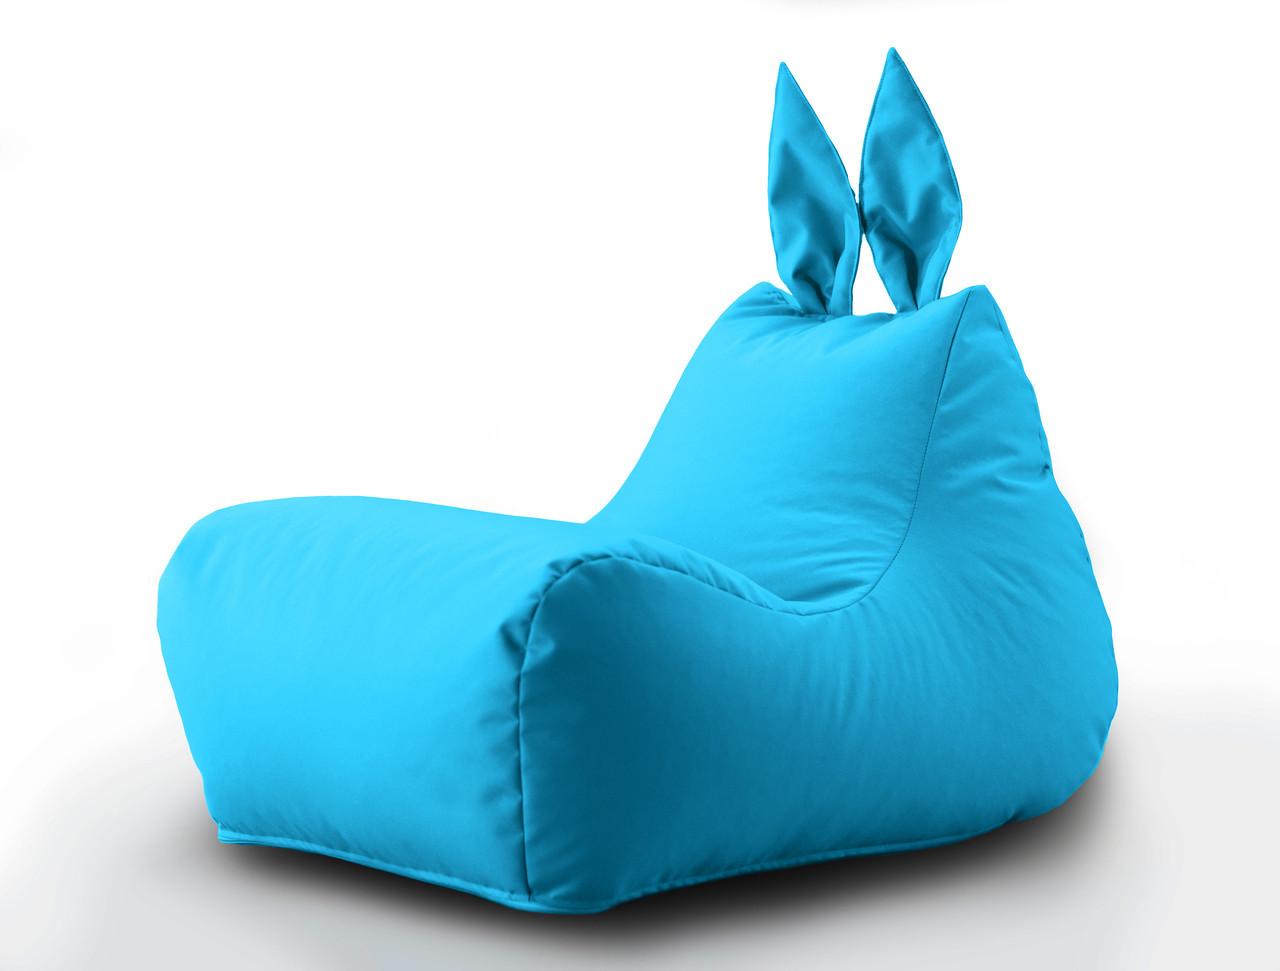 Кресло мешок Зайка голубого цвета с внутренним чехлом